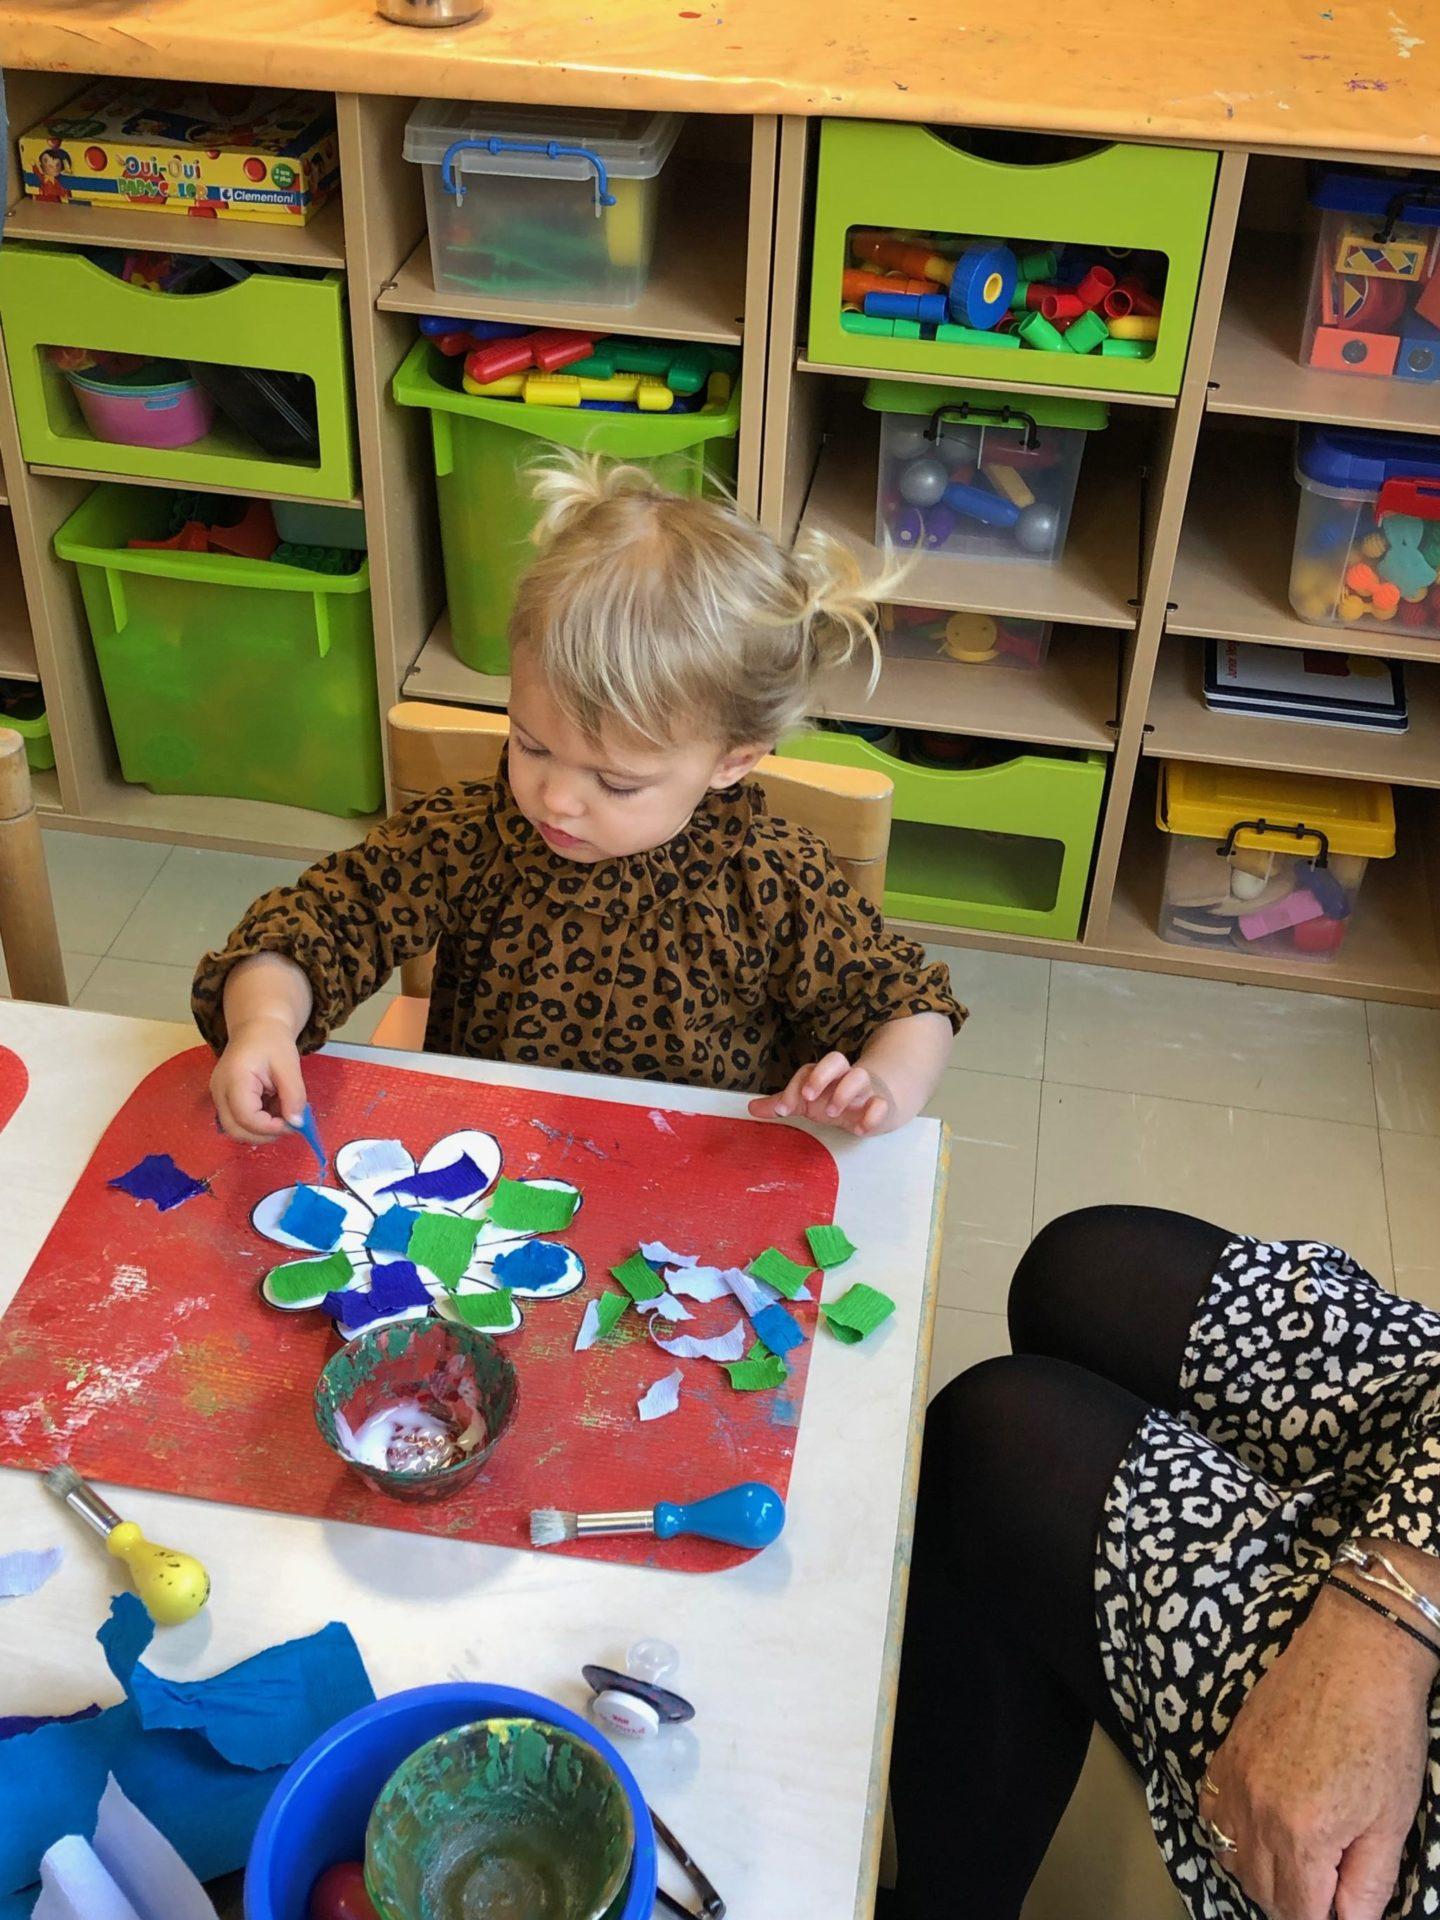 jouets-jeux-enfants-2-ans9